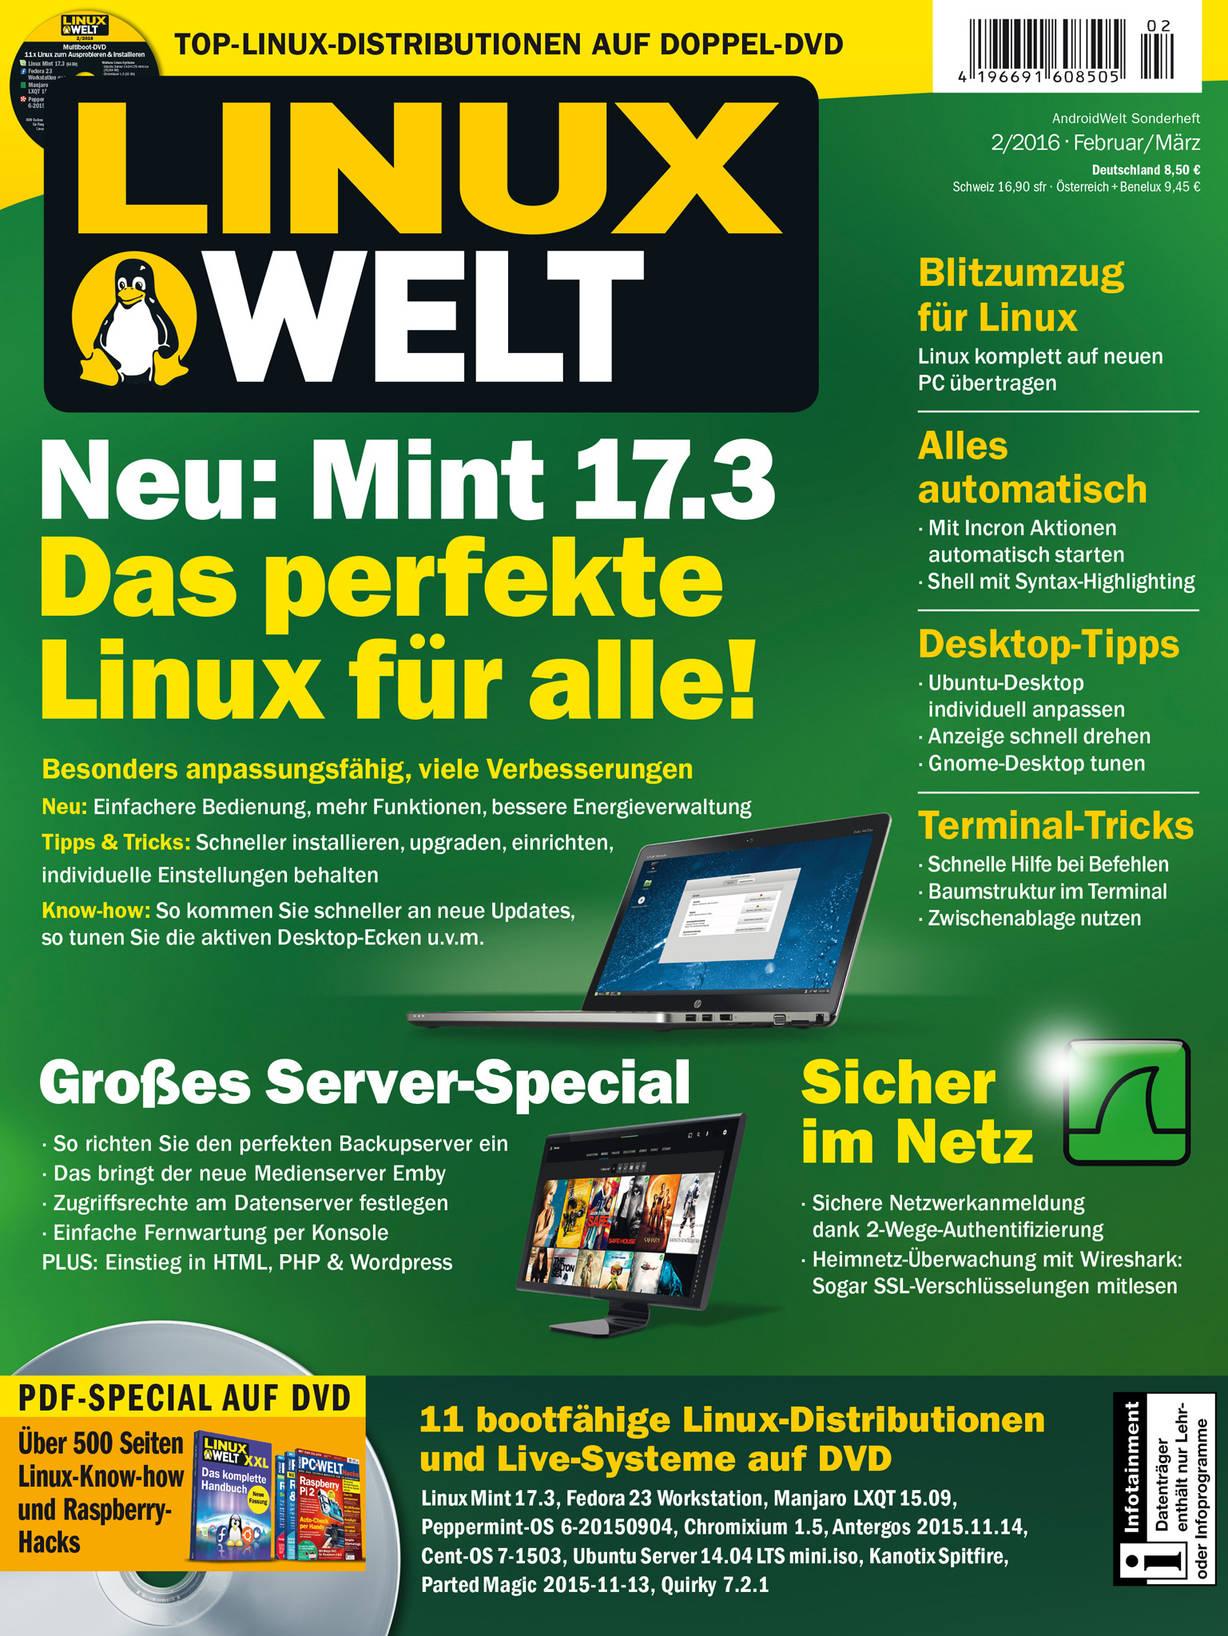 LinuxWelt 02/2016 · Einzelausgaben LinuxWelt · IDG Shop